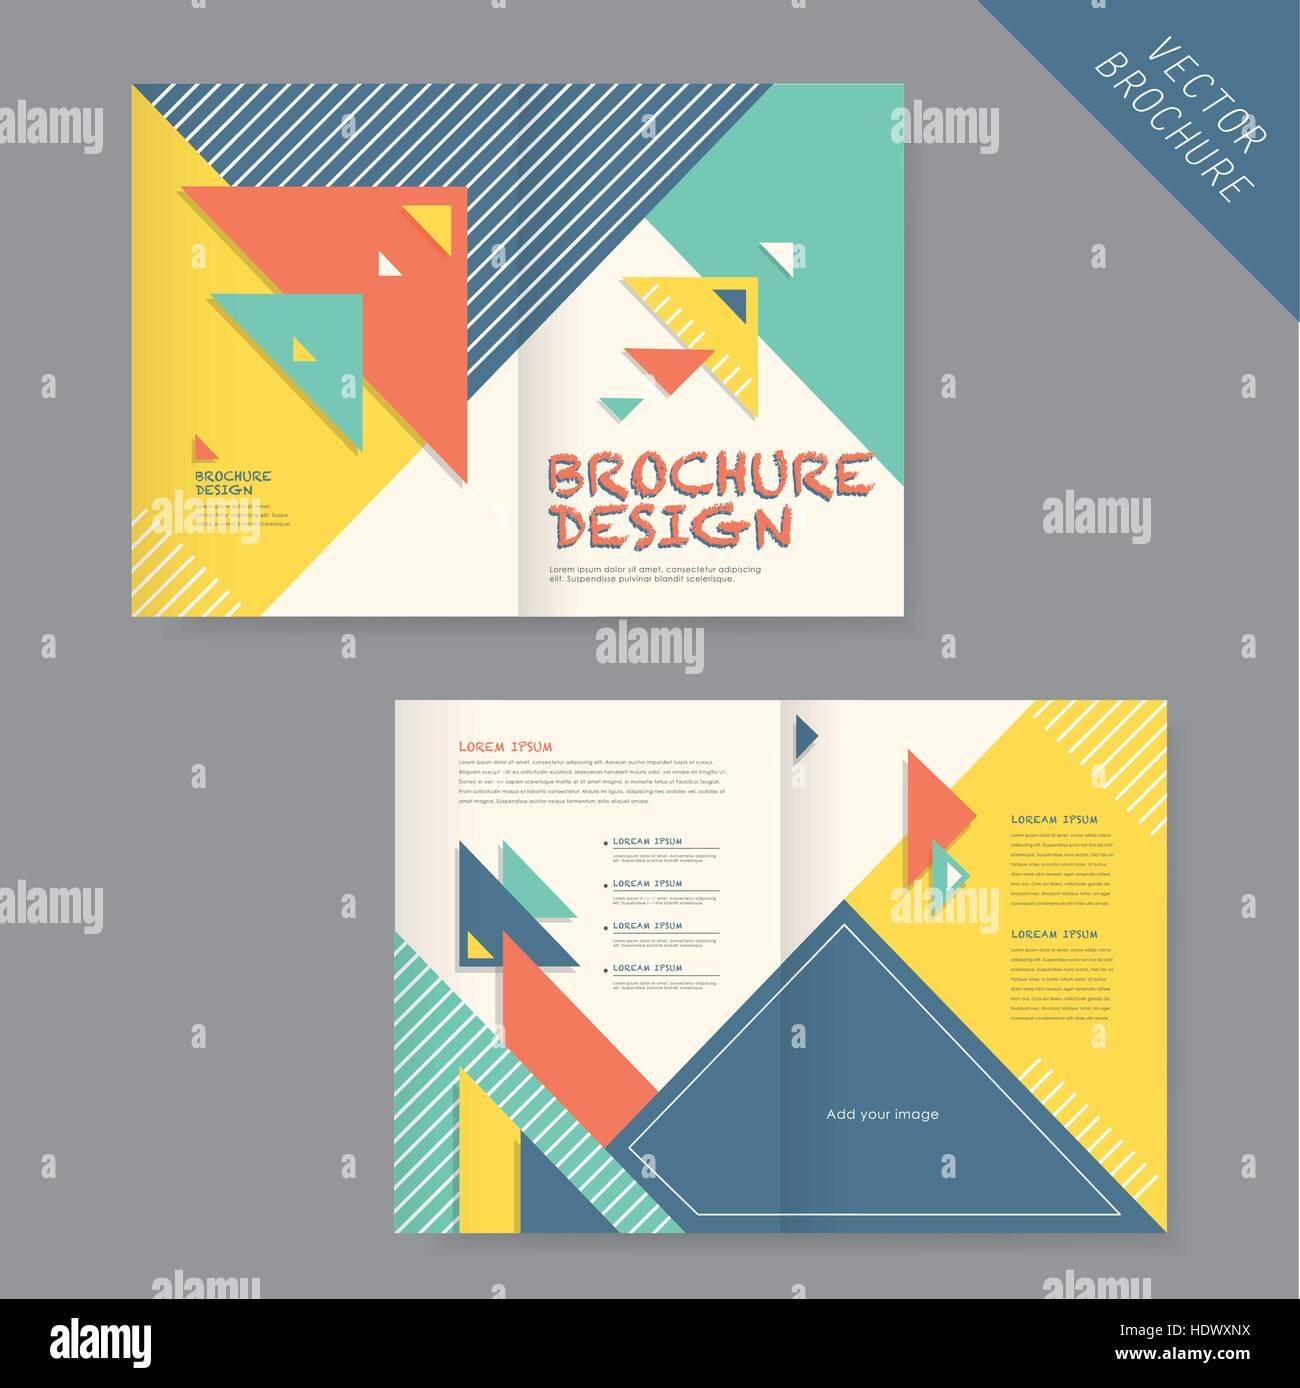 c0a2e3785d82c Estilo moderno plantilla de triple plegado para negocios folleto  publicitario en azul